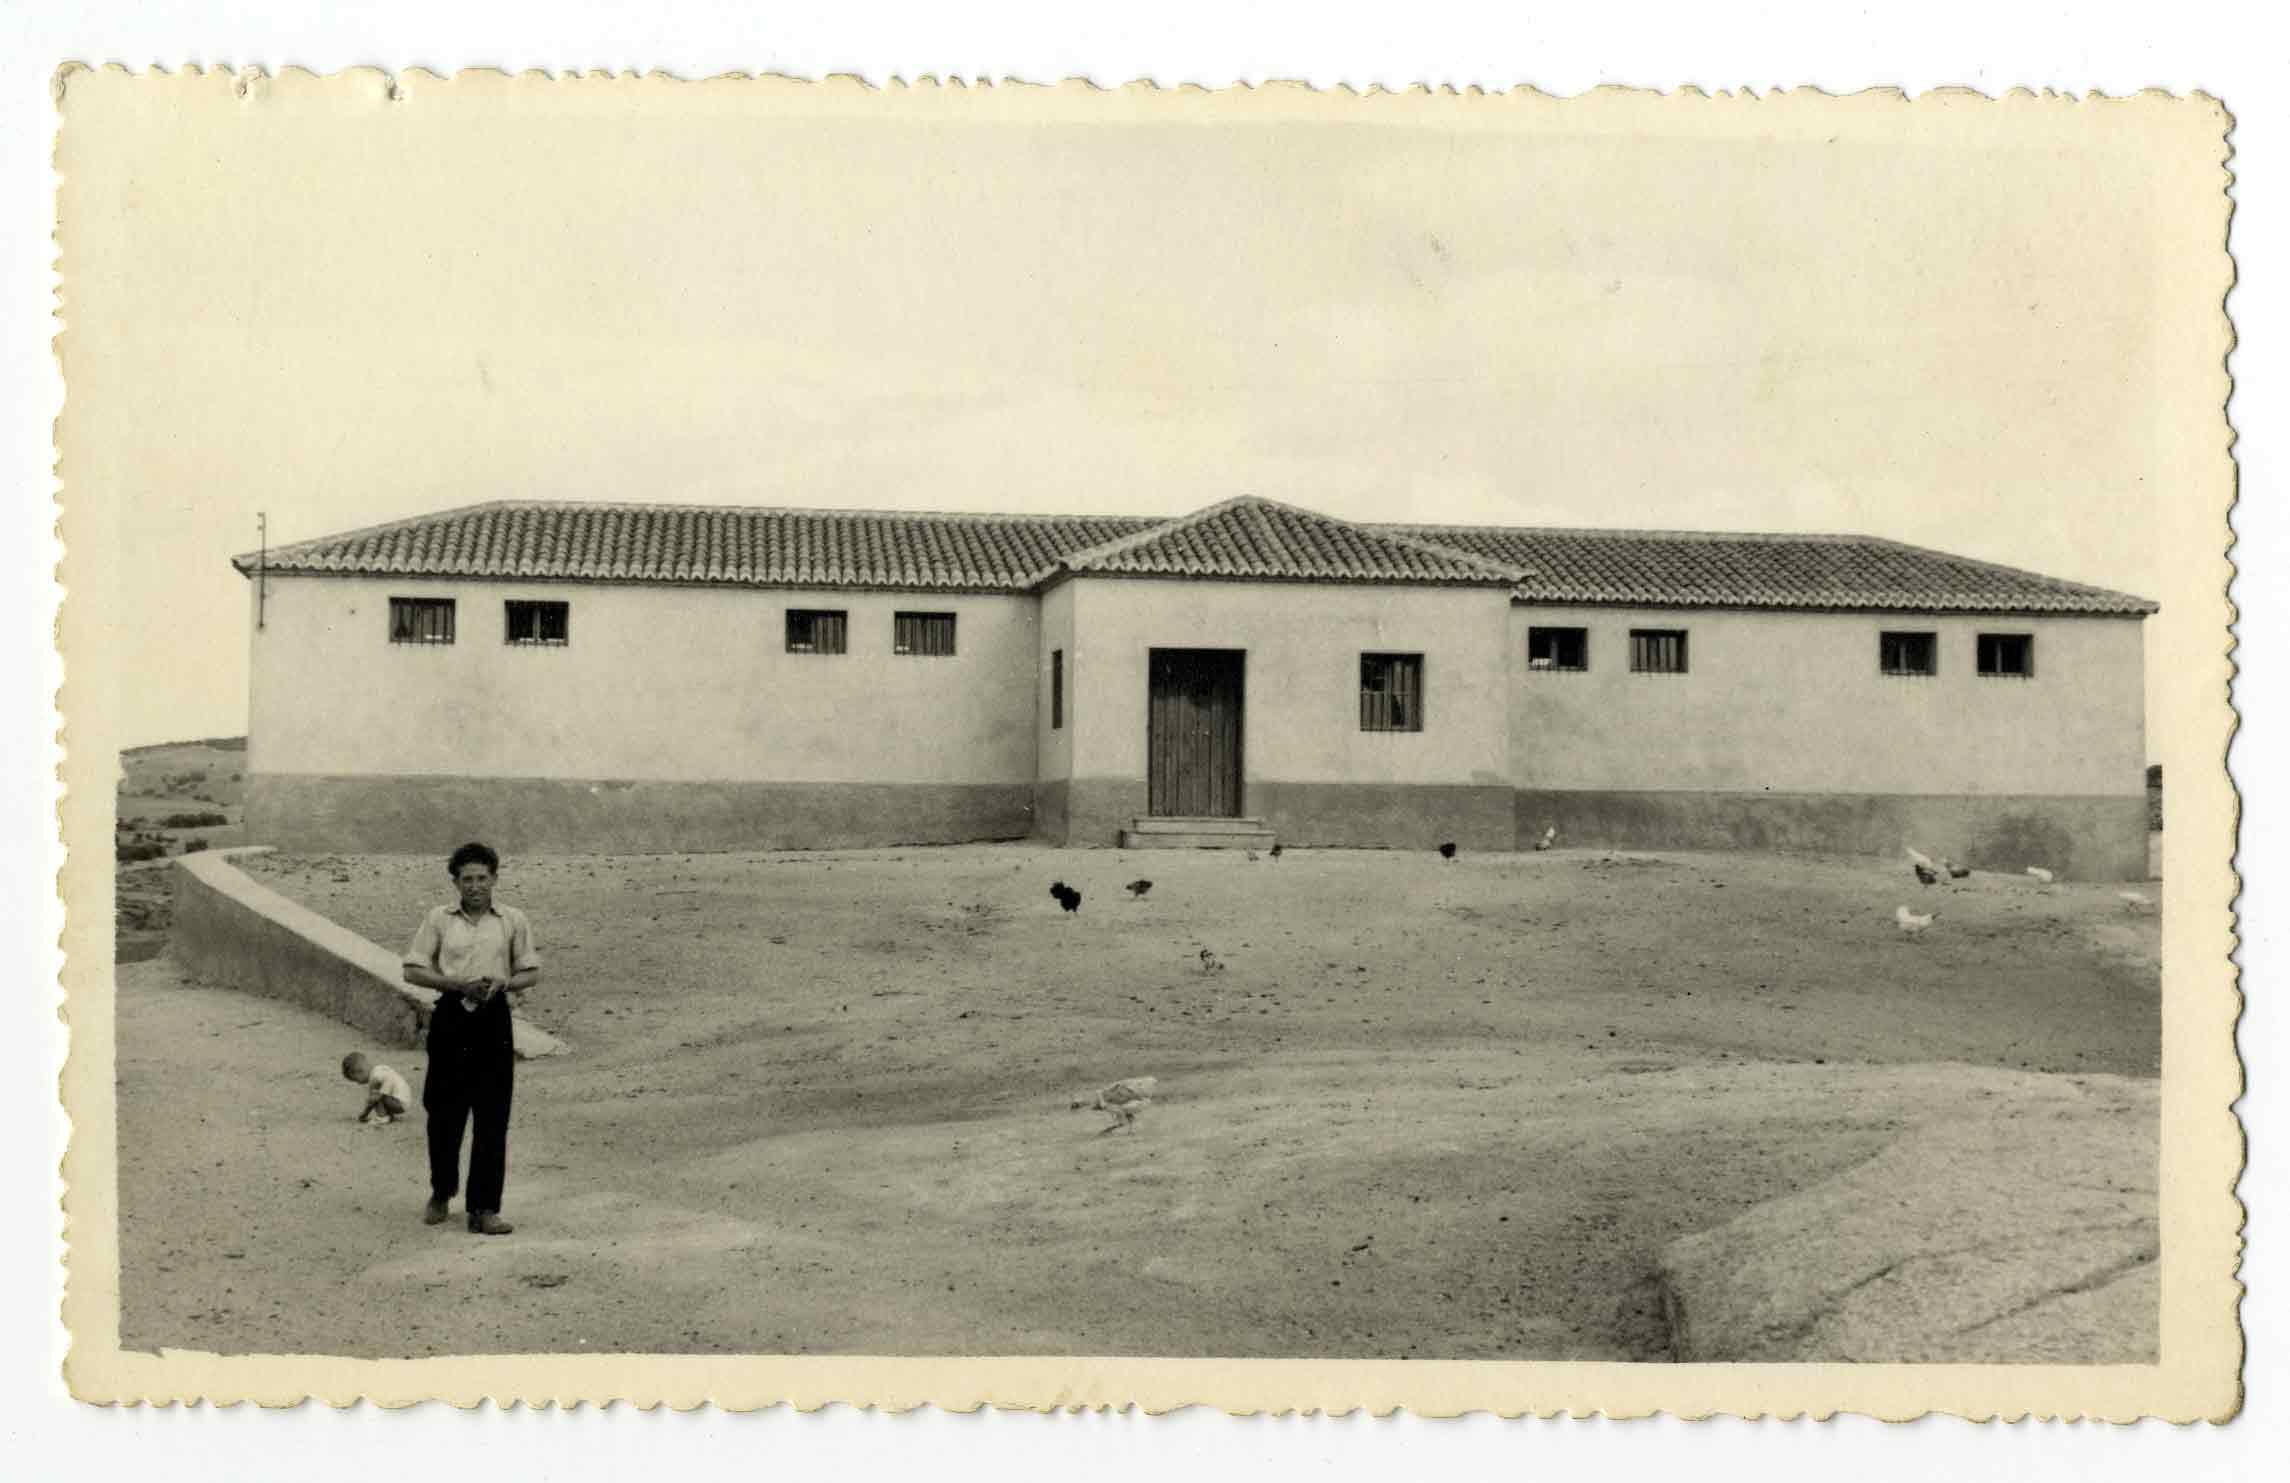 Villarejo de Montalbán. Almacén del trigo. 1960 (P-1522)